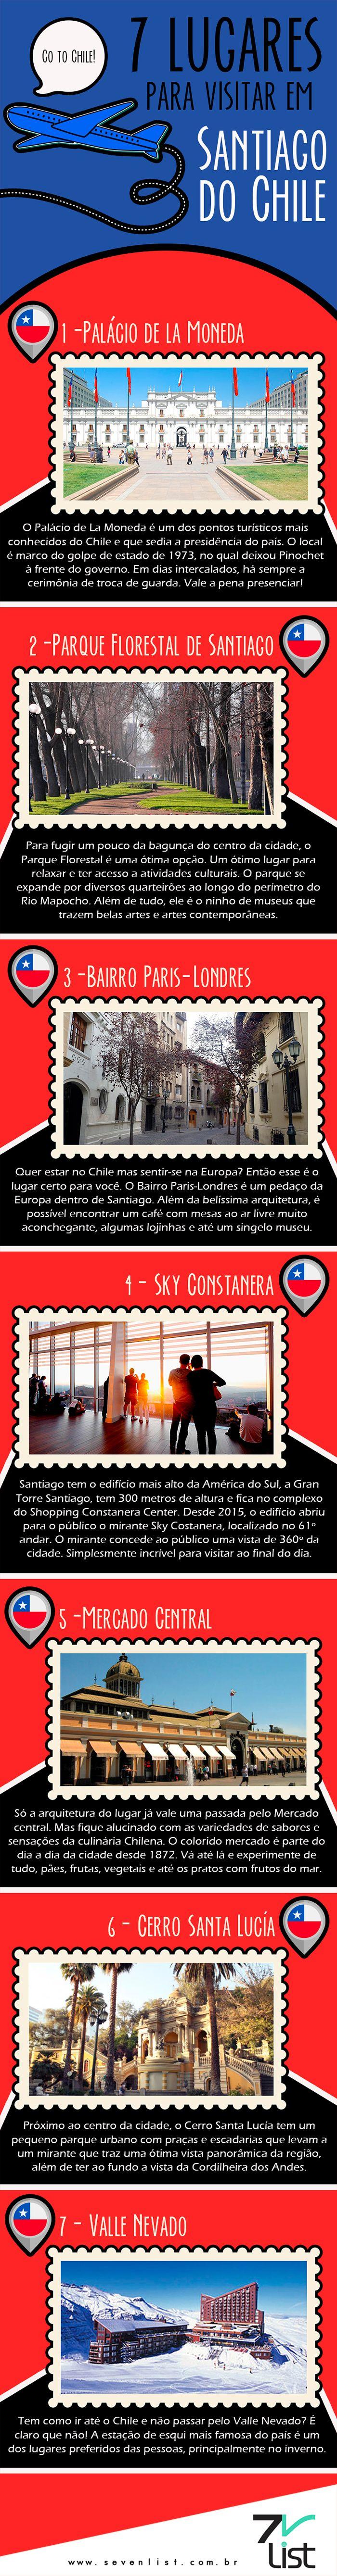 #SevenList #CabideColorido #Art #Infográfico #Design #Viagem #SantiagodoChile #Chile #Lugares #Cidade #Dicas #AméricadoSul